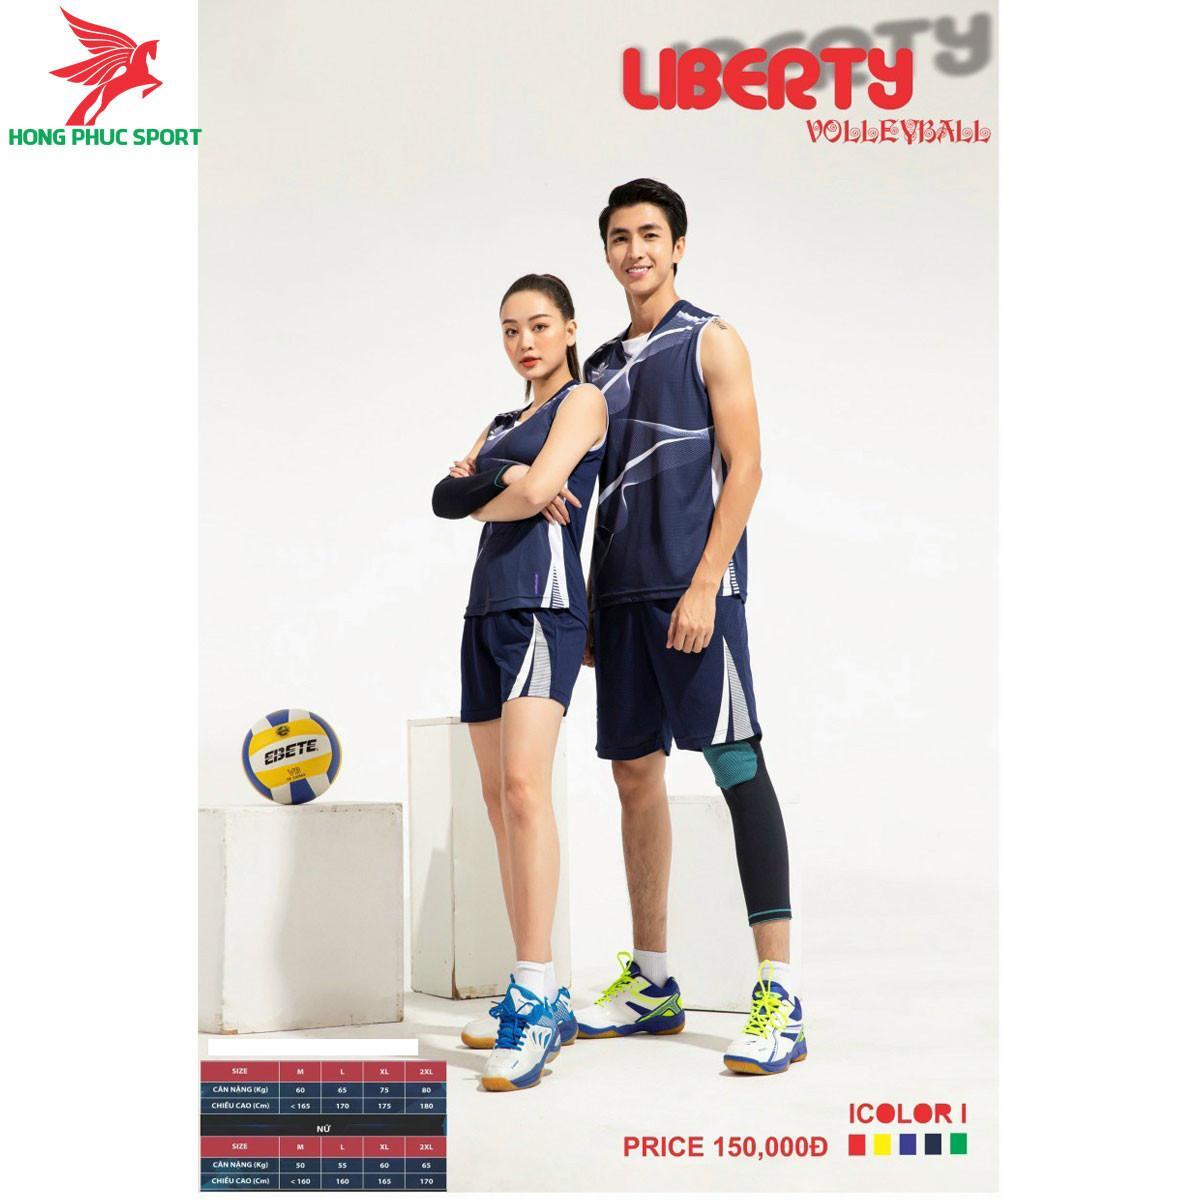 Áo thi đấu bóng chuyền OverateLiberty 2021 màu Xanh dương